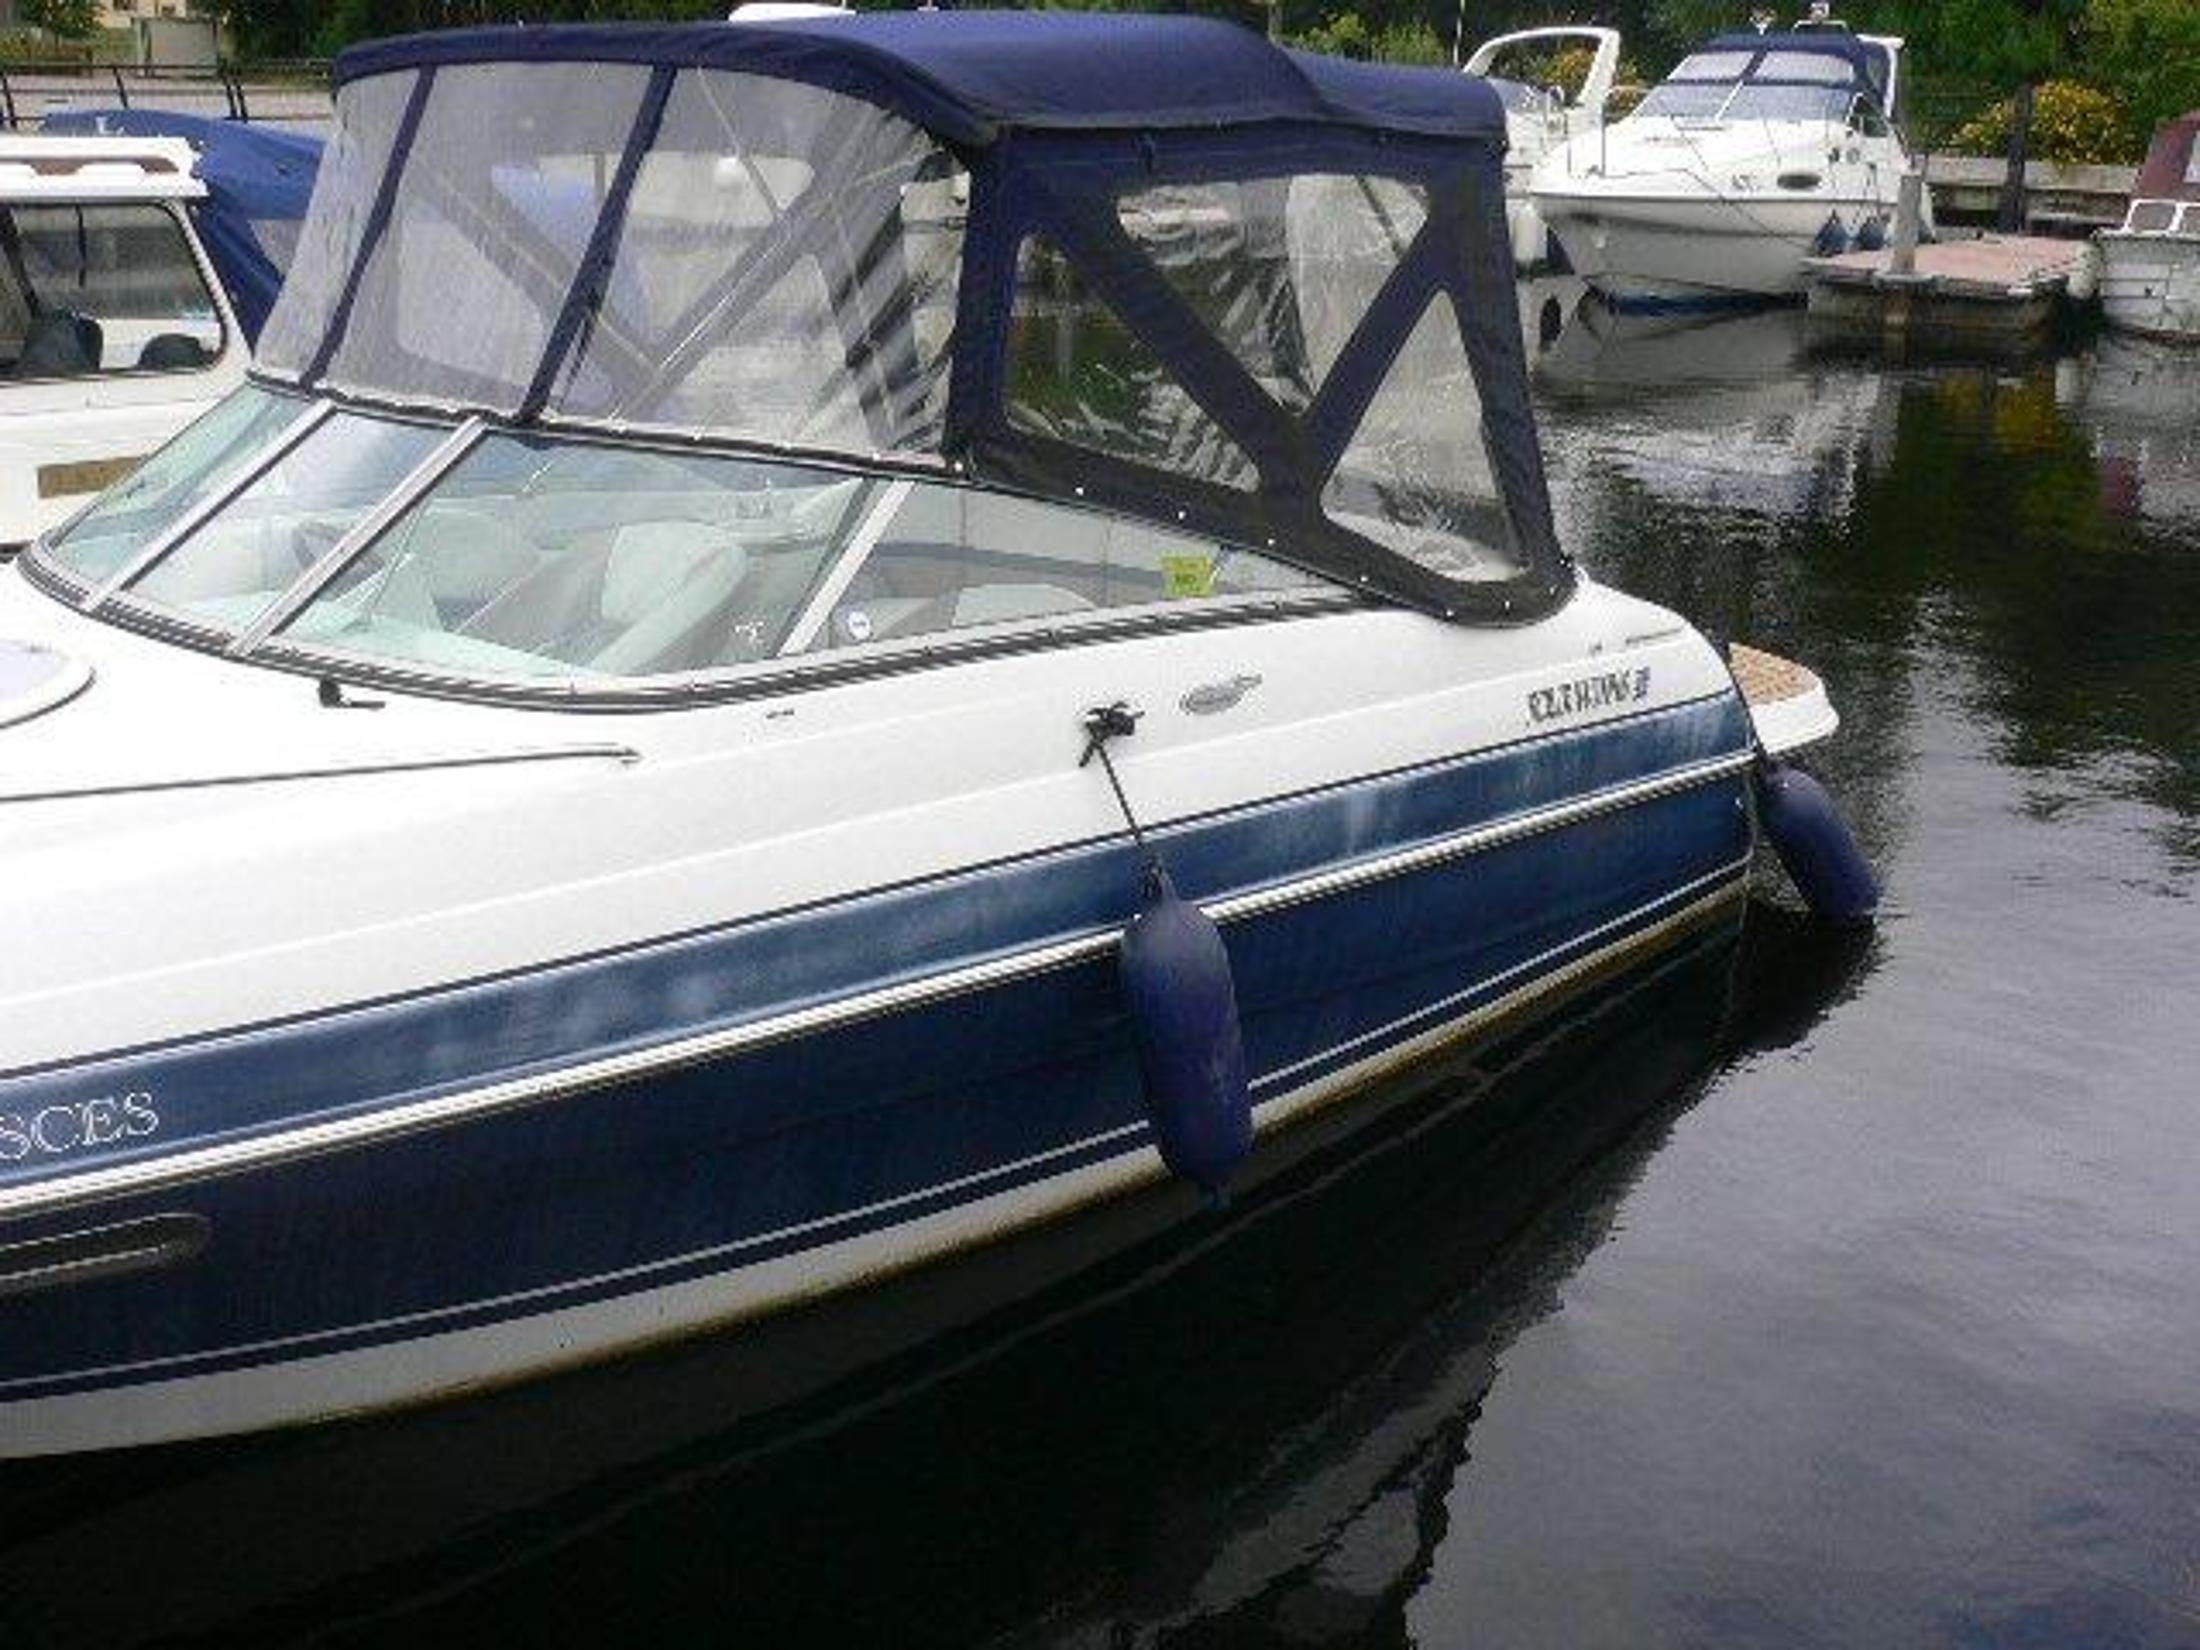 2004 Four Winns H210 Wiring Diagram Sundowner 205 Power Boat For Sale Www